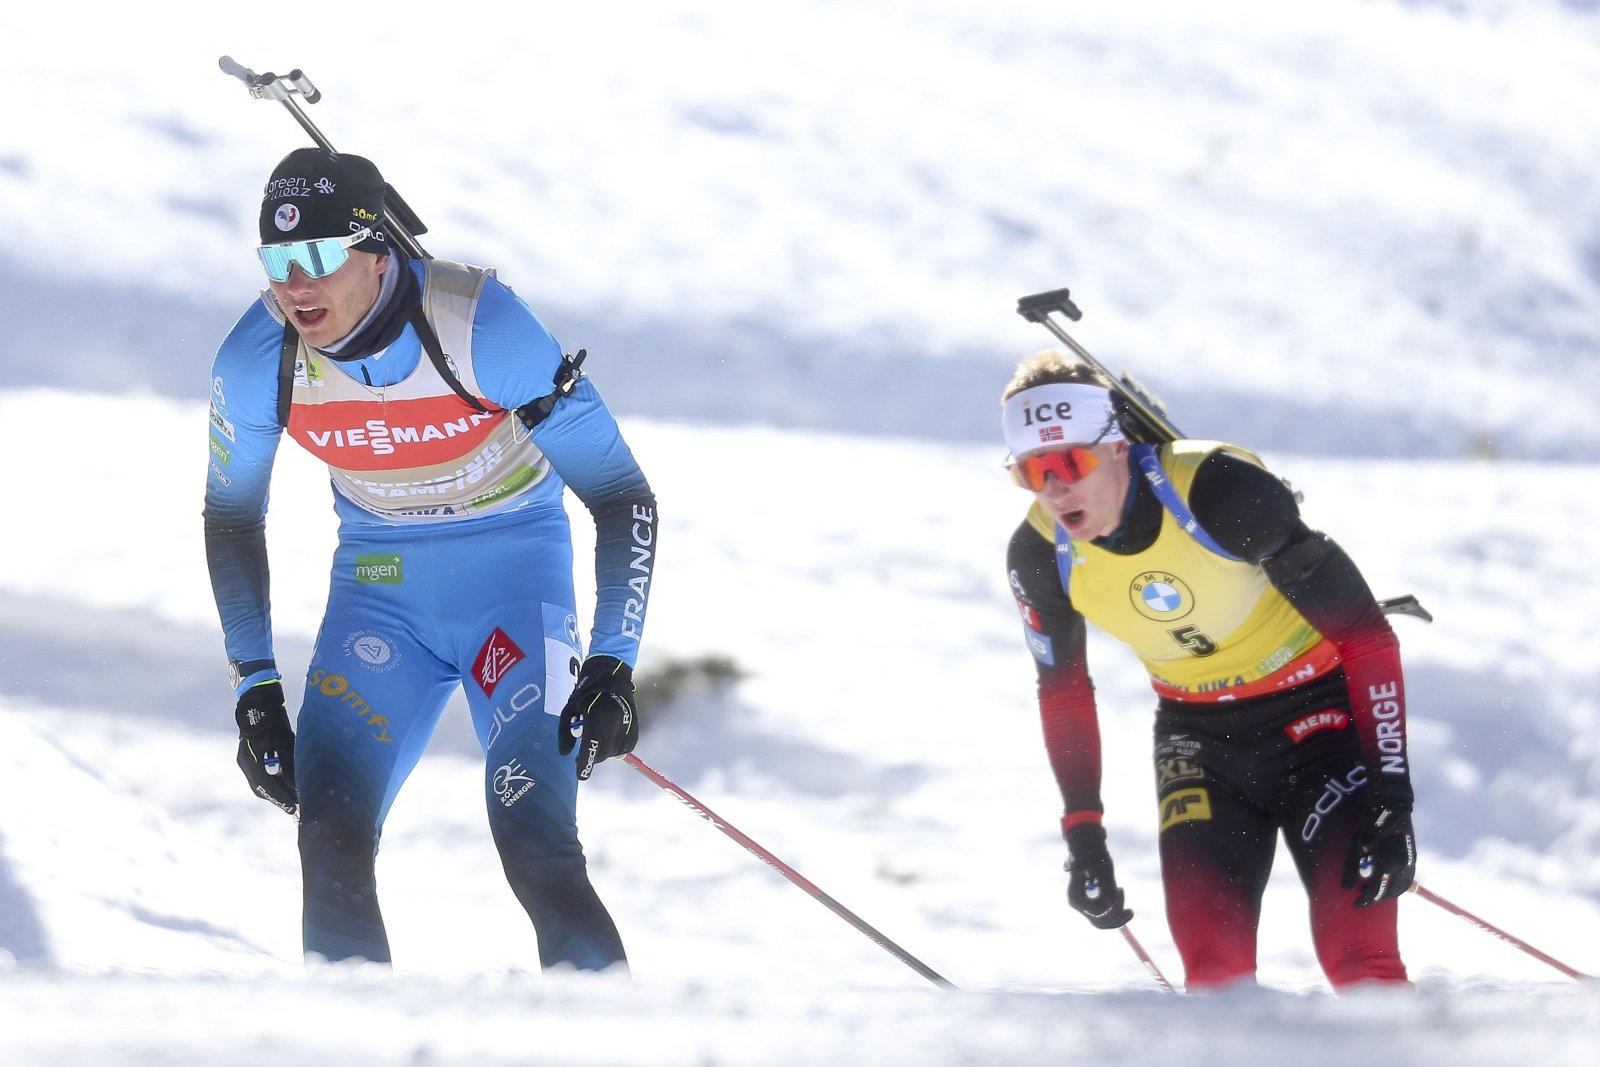 Johannes Thingnes Bö kiitis kõige ohtlikumat konkurenti:  ma ei suuda ealeski nii kiiresti lasta